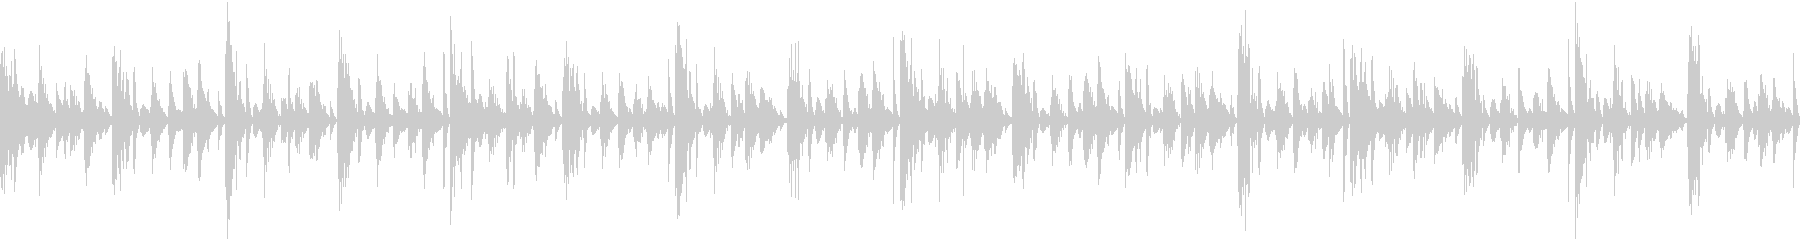 無機質な機械的ファンタジー風のループ曲の未再生の波形